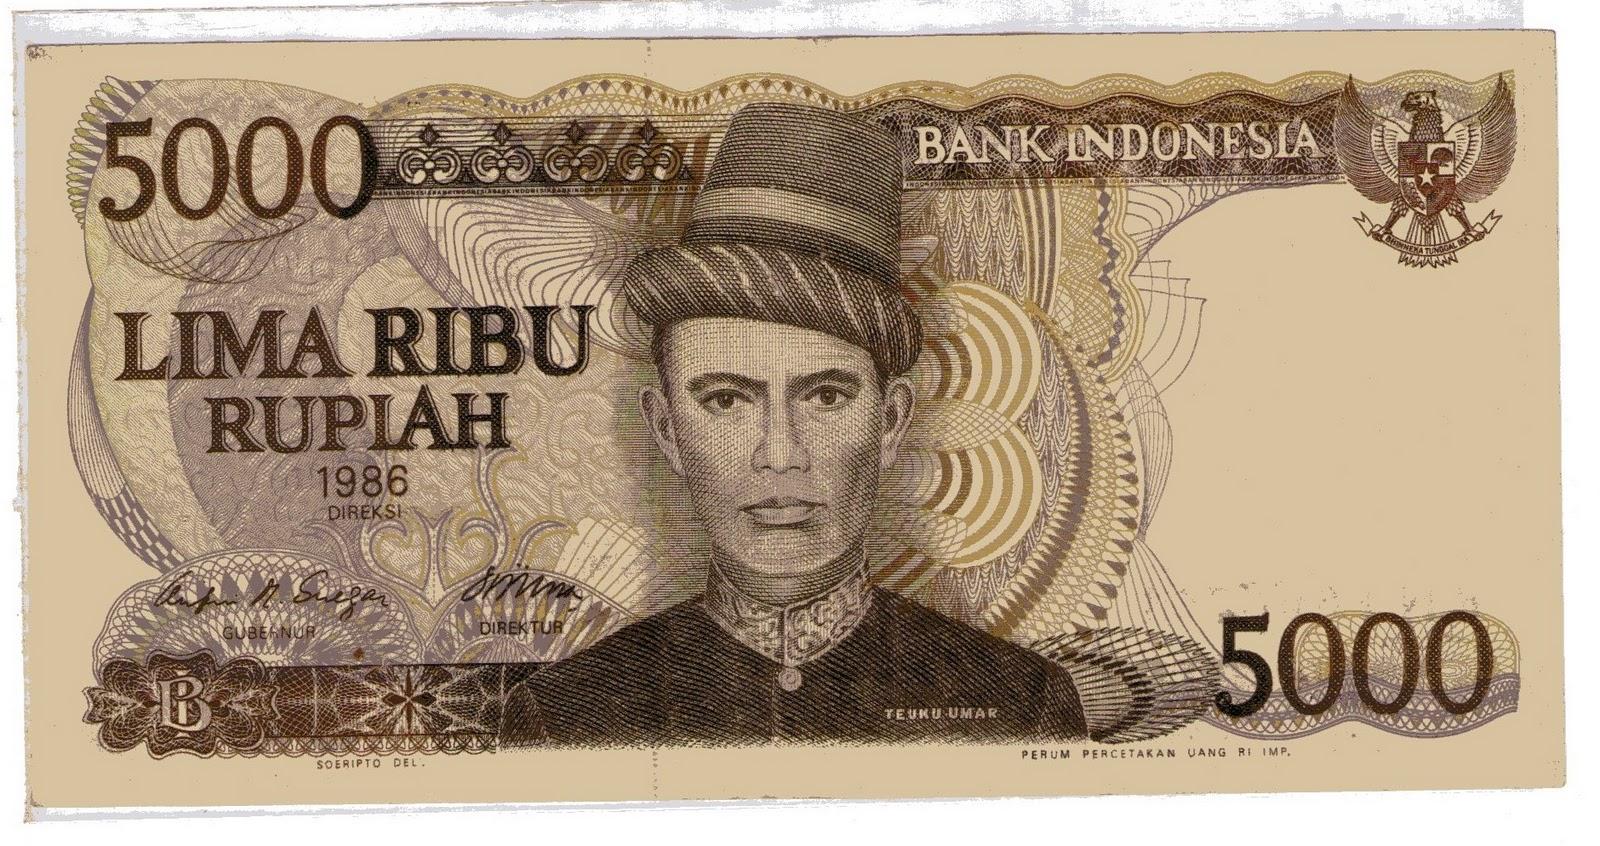 Lima Ribu Rupiah 5000 Tahun 1986